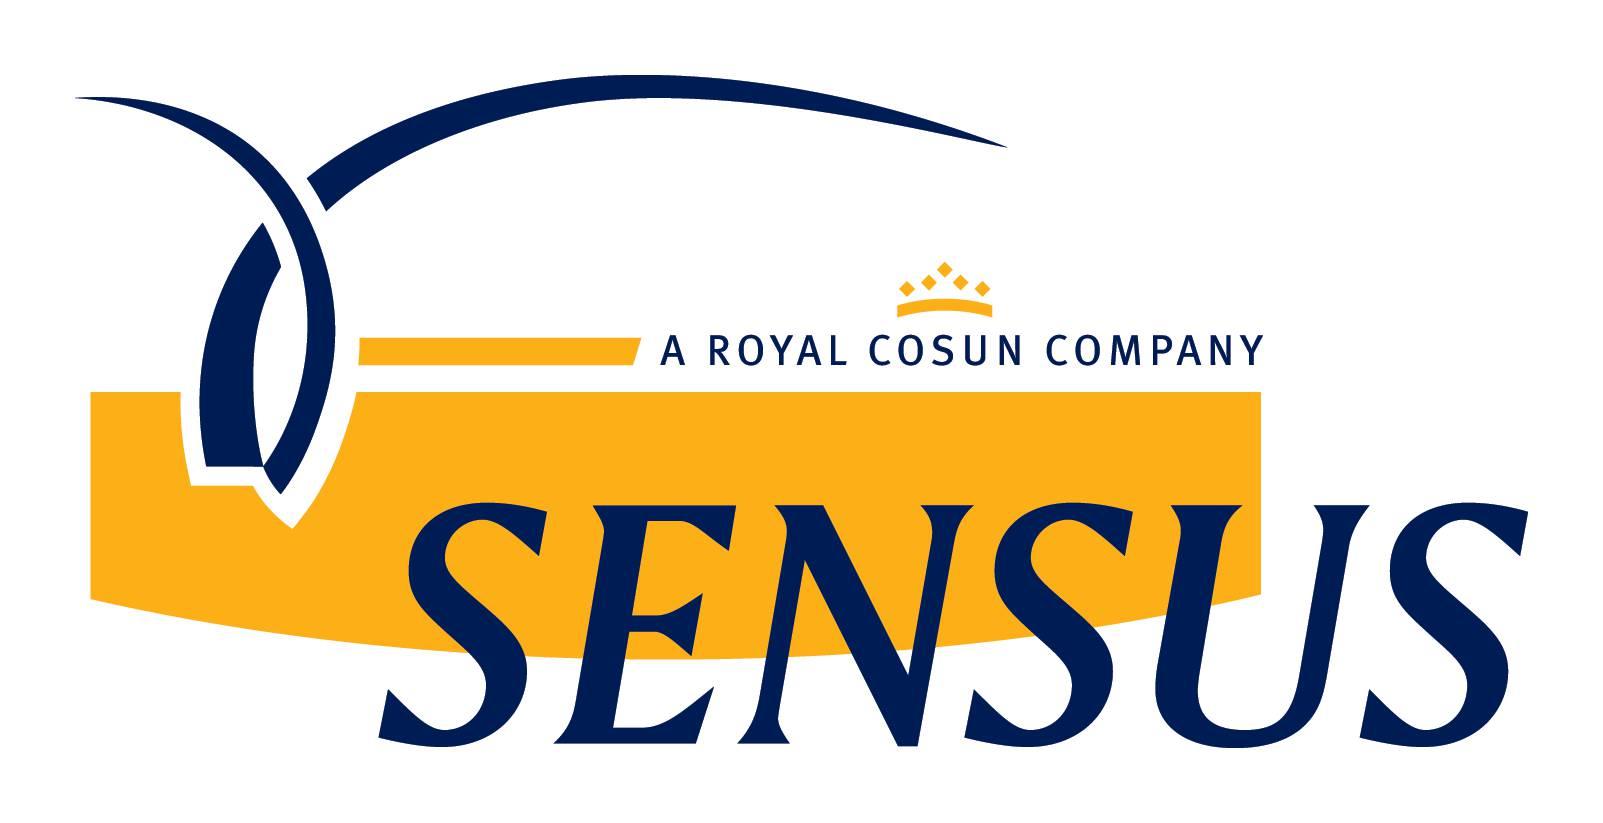 SENSUS_down